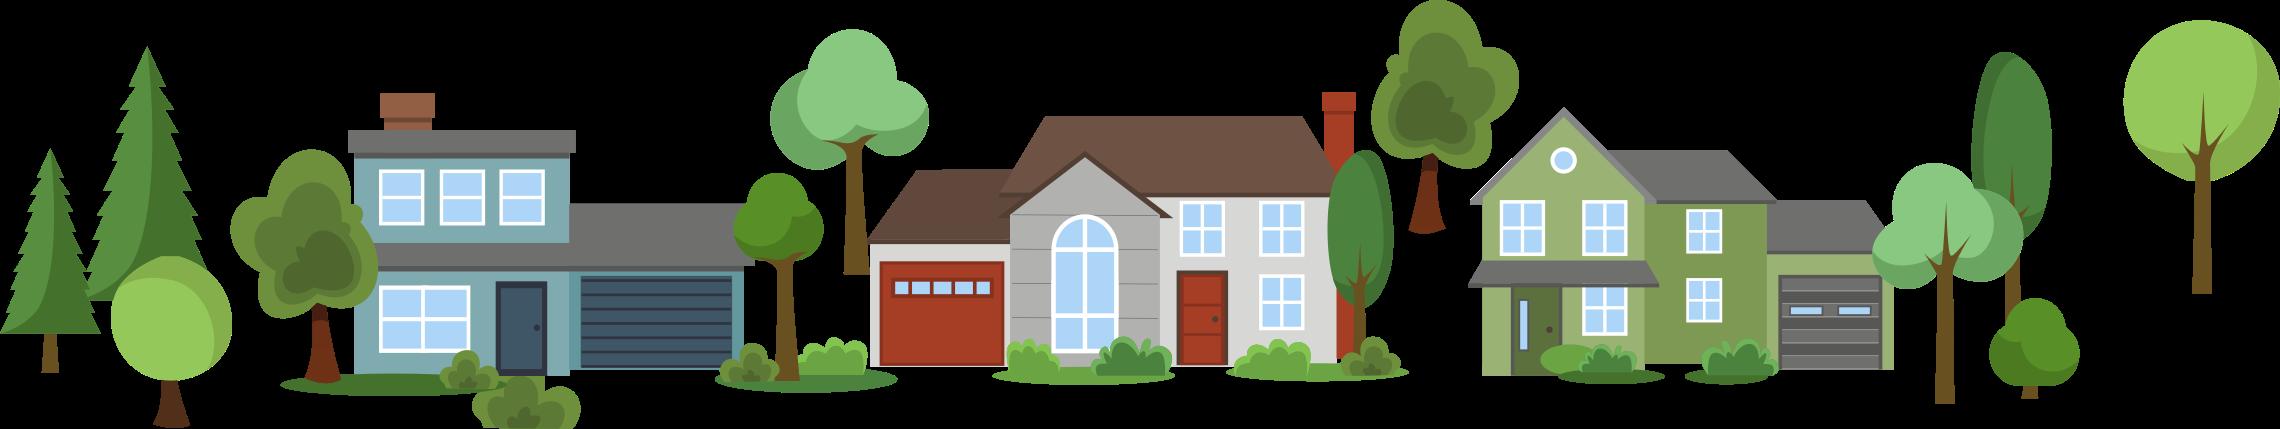 The #NeighborhoodsOfMadisonWi blog series